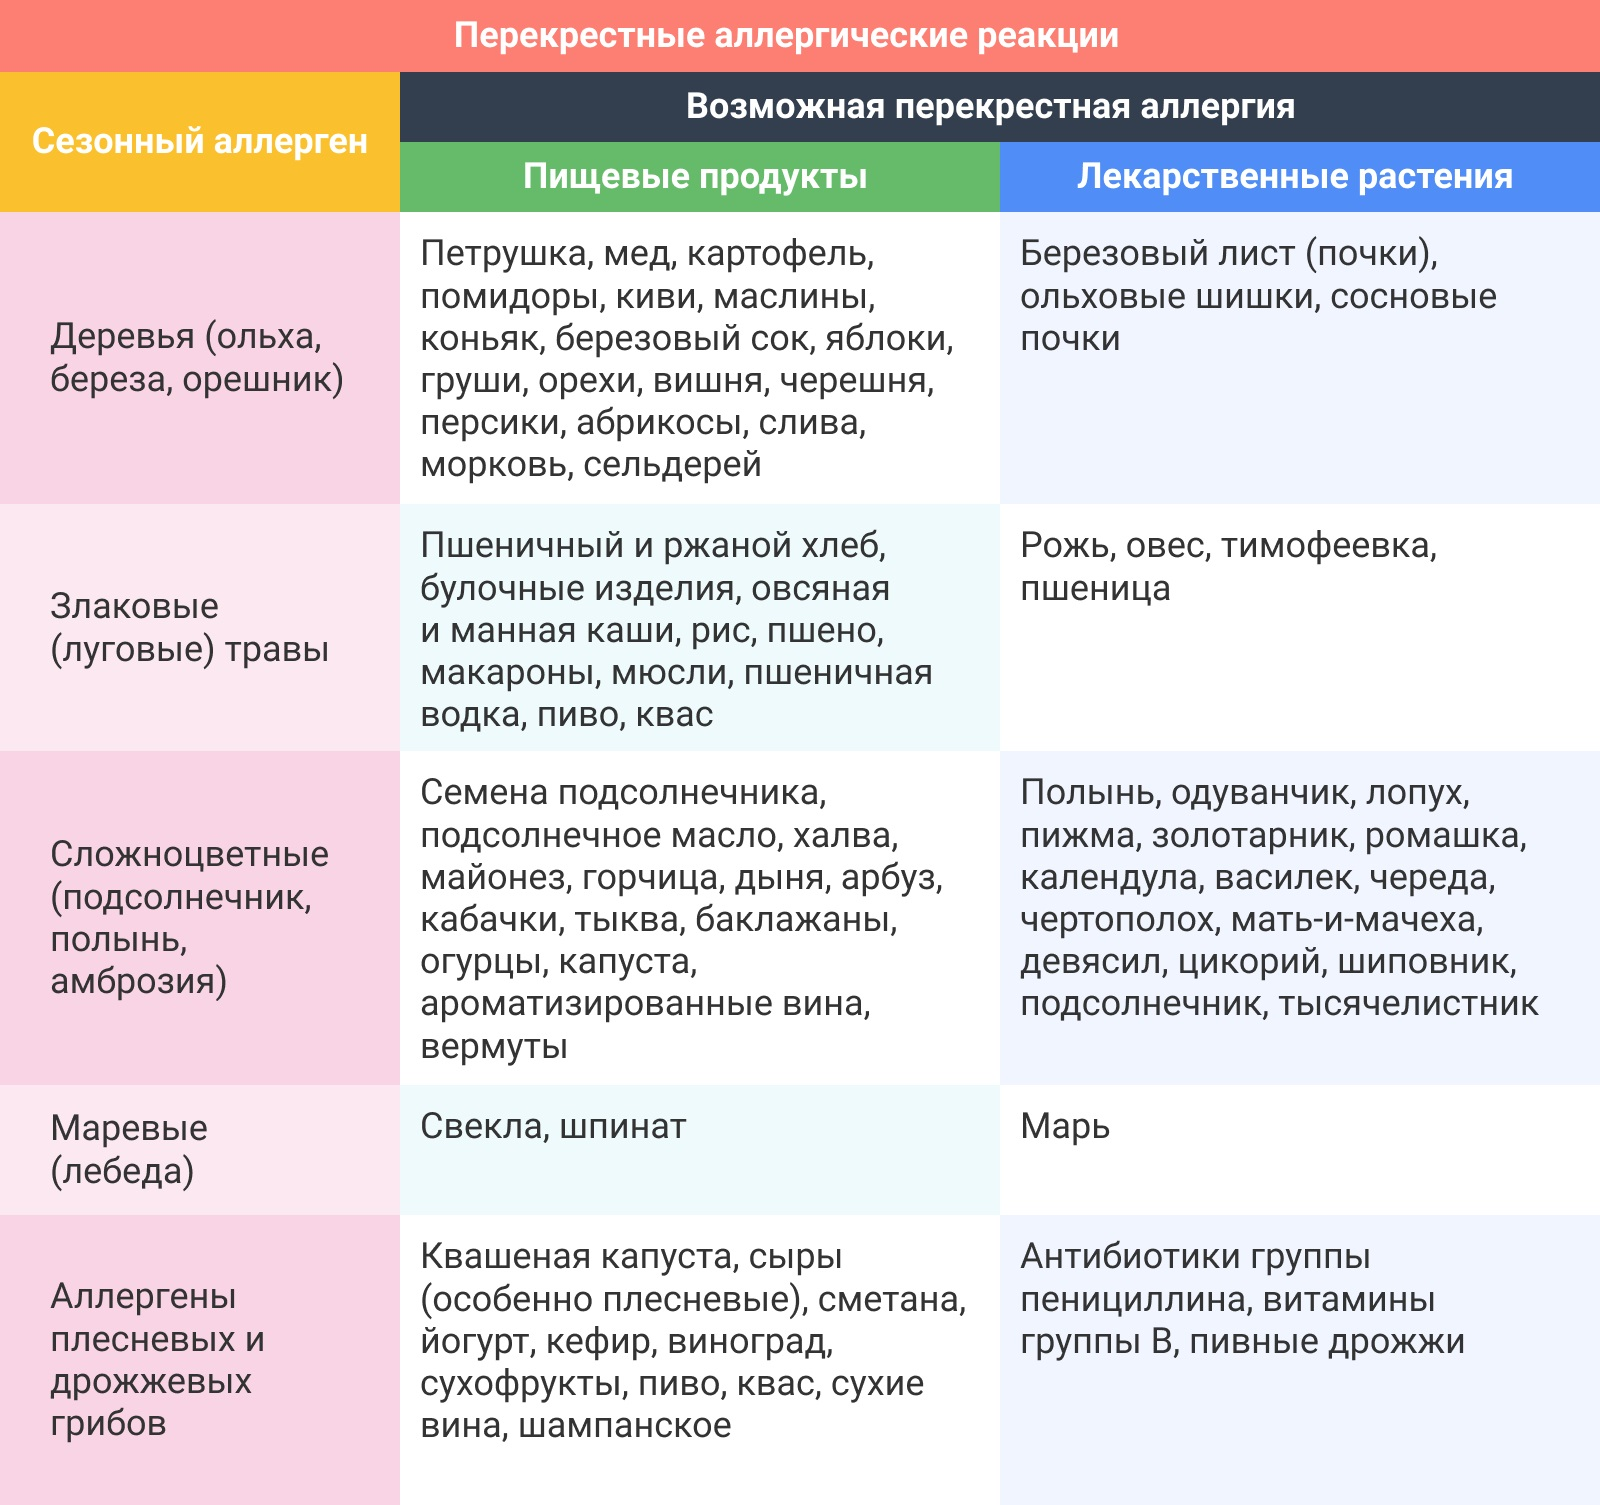 Как лечить приступы кашля при астме